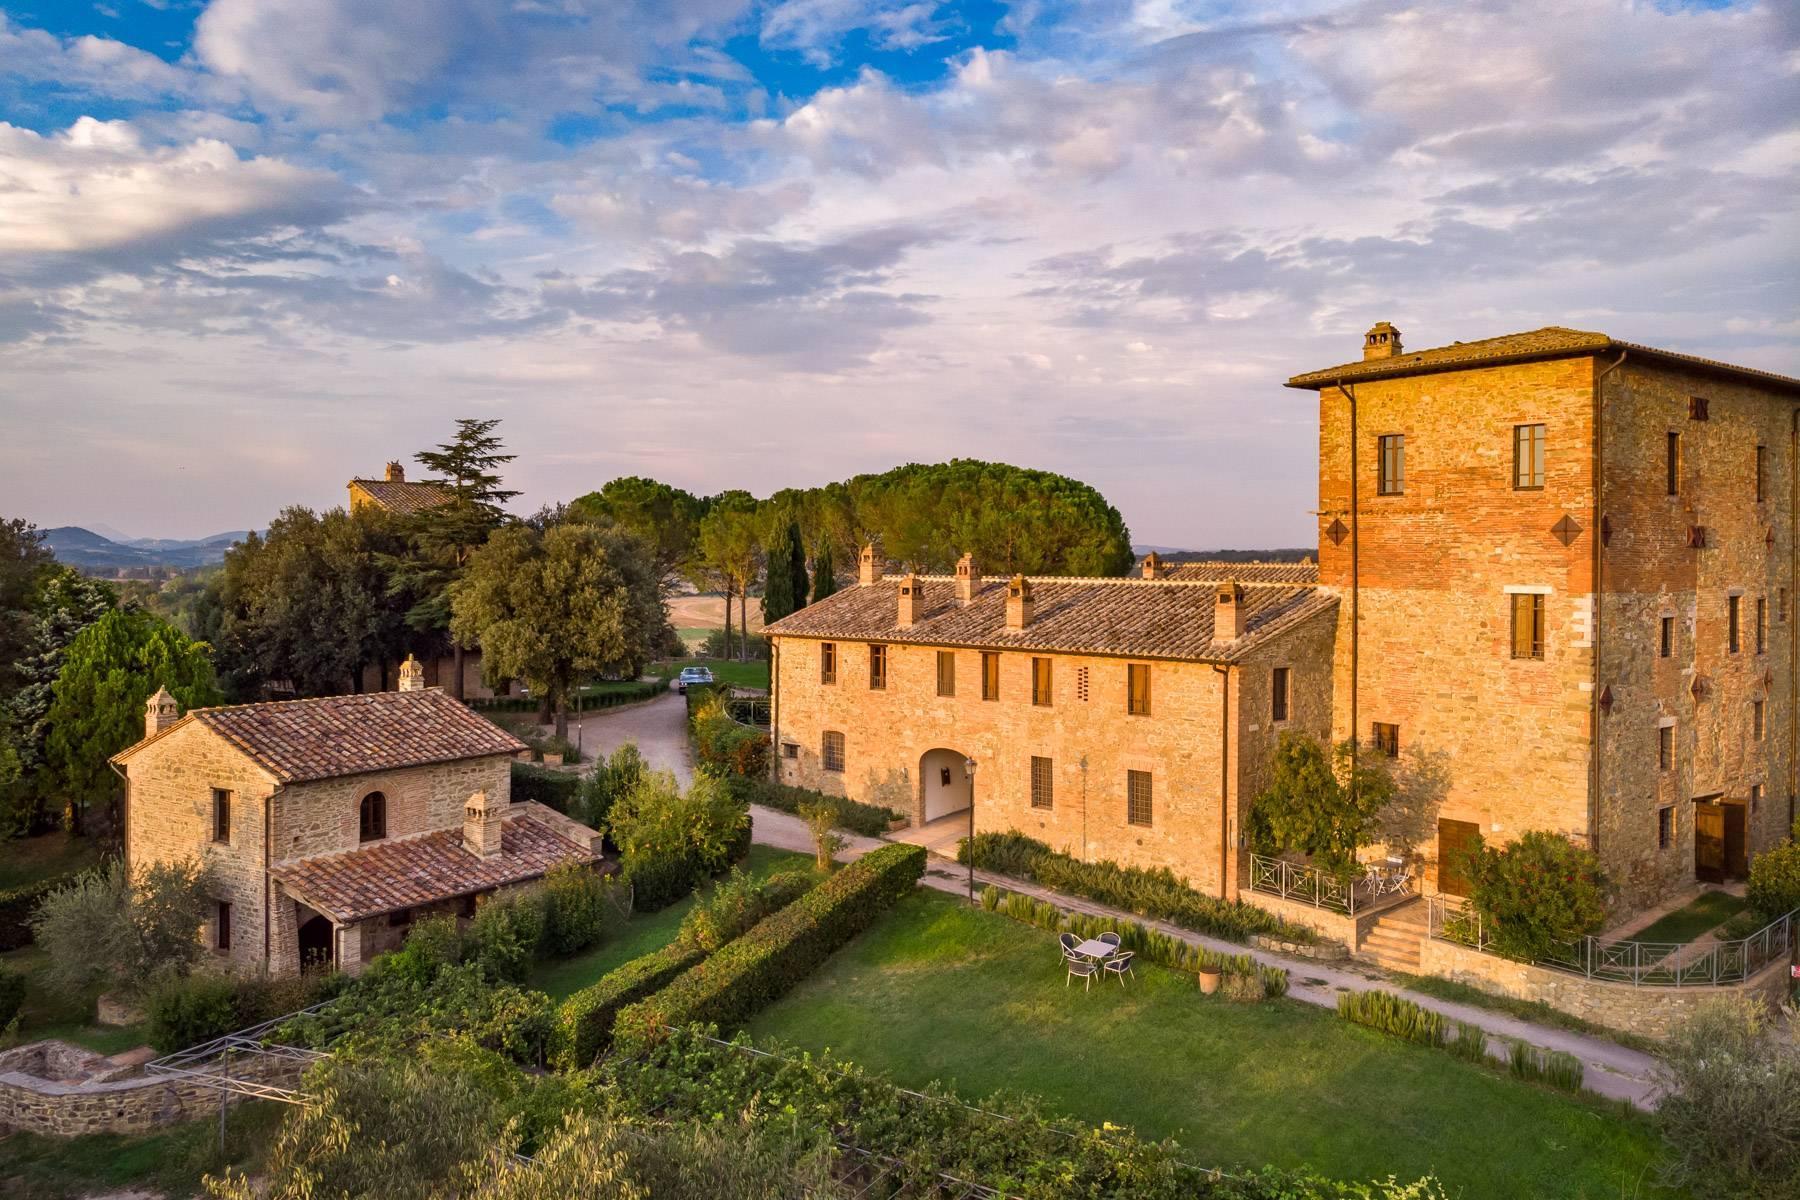 Magnifico castello nel cuore dell'Umbria - 1